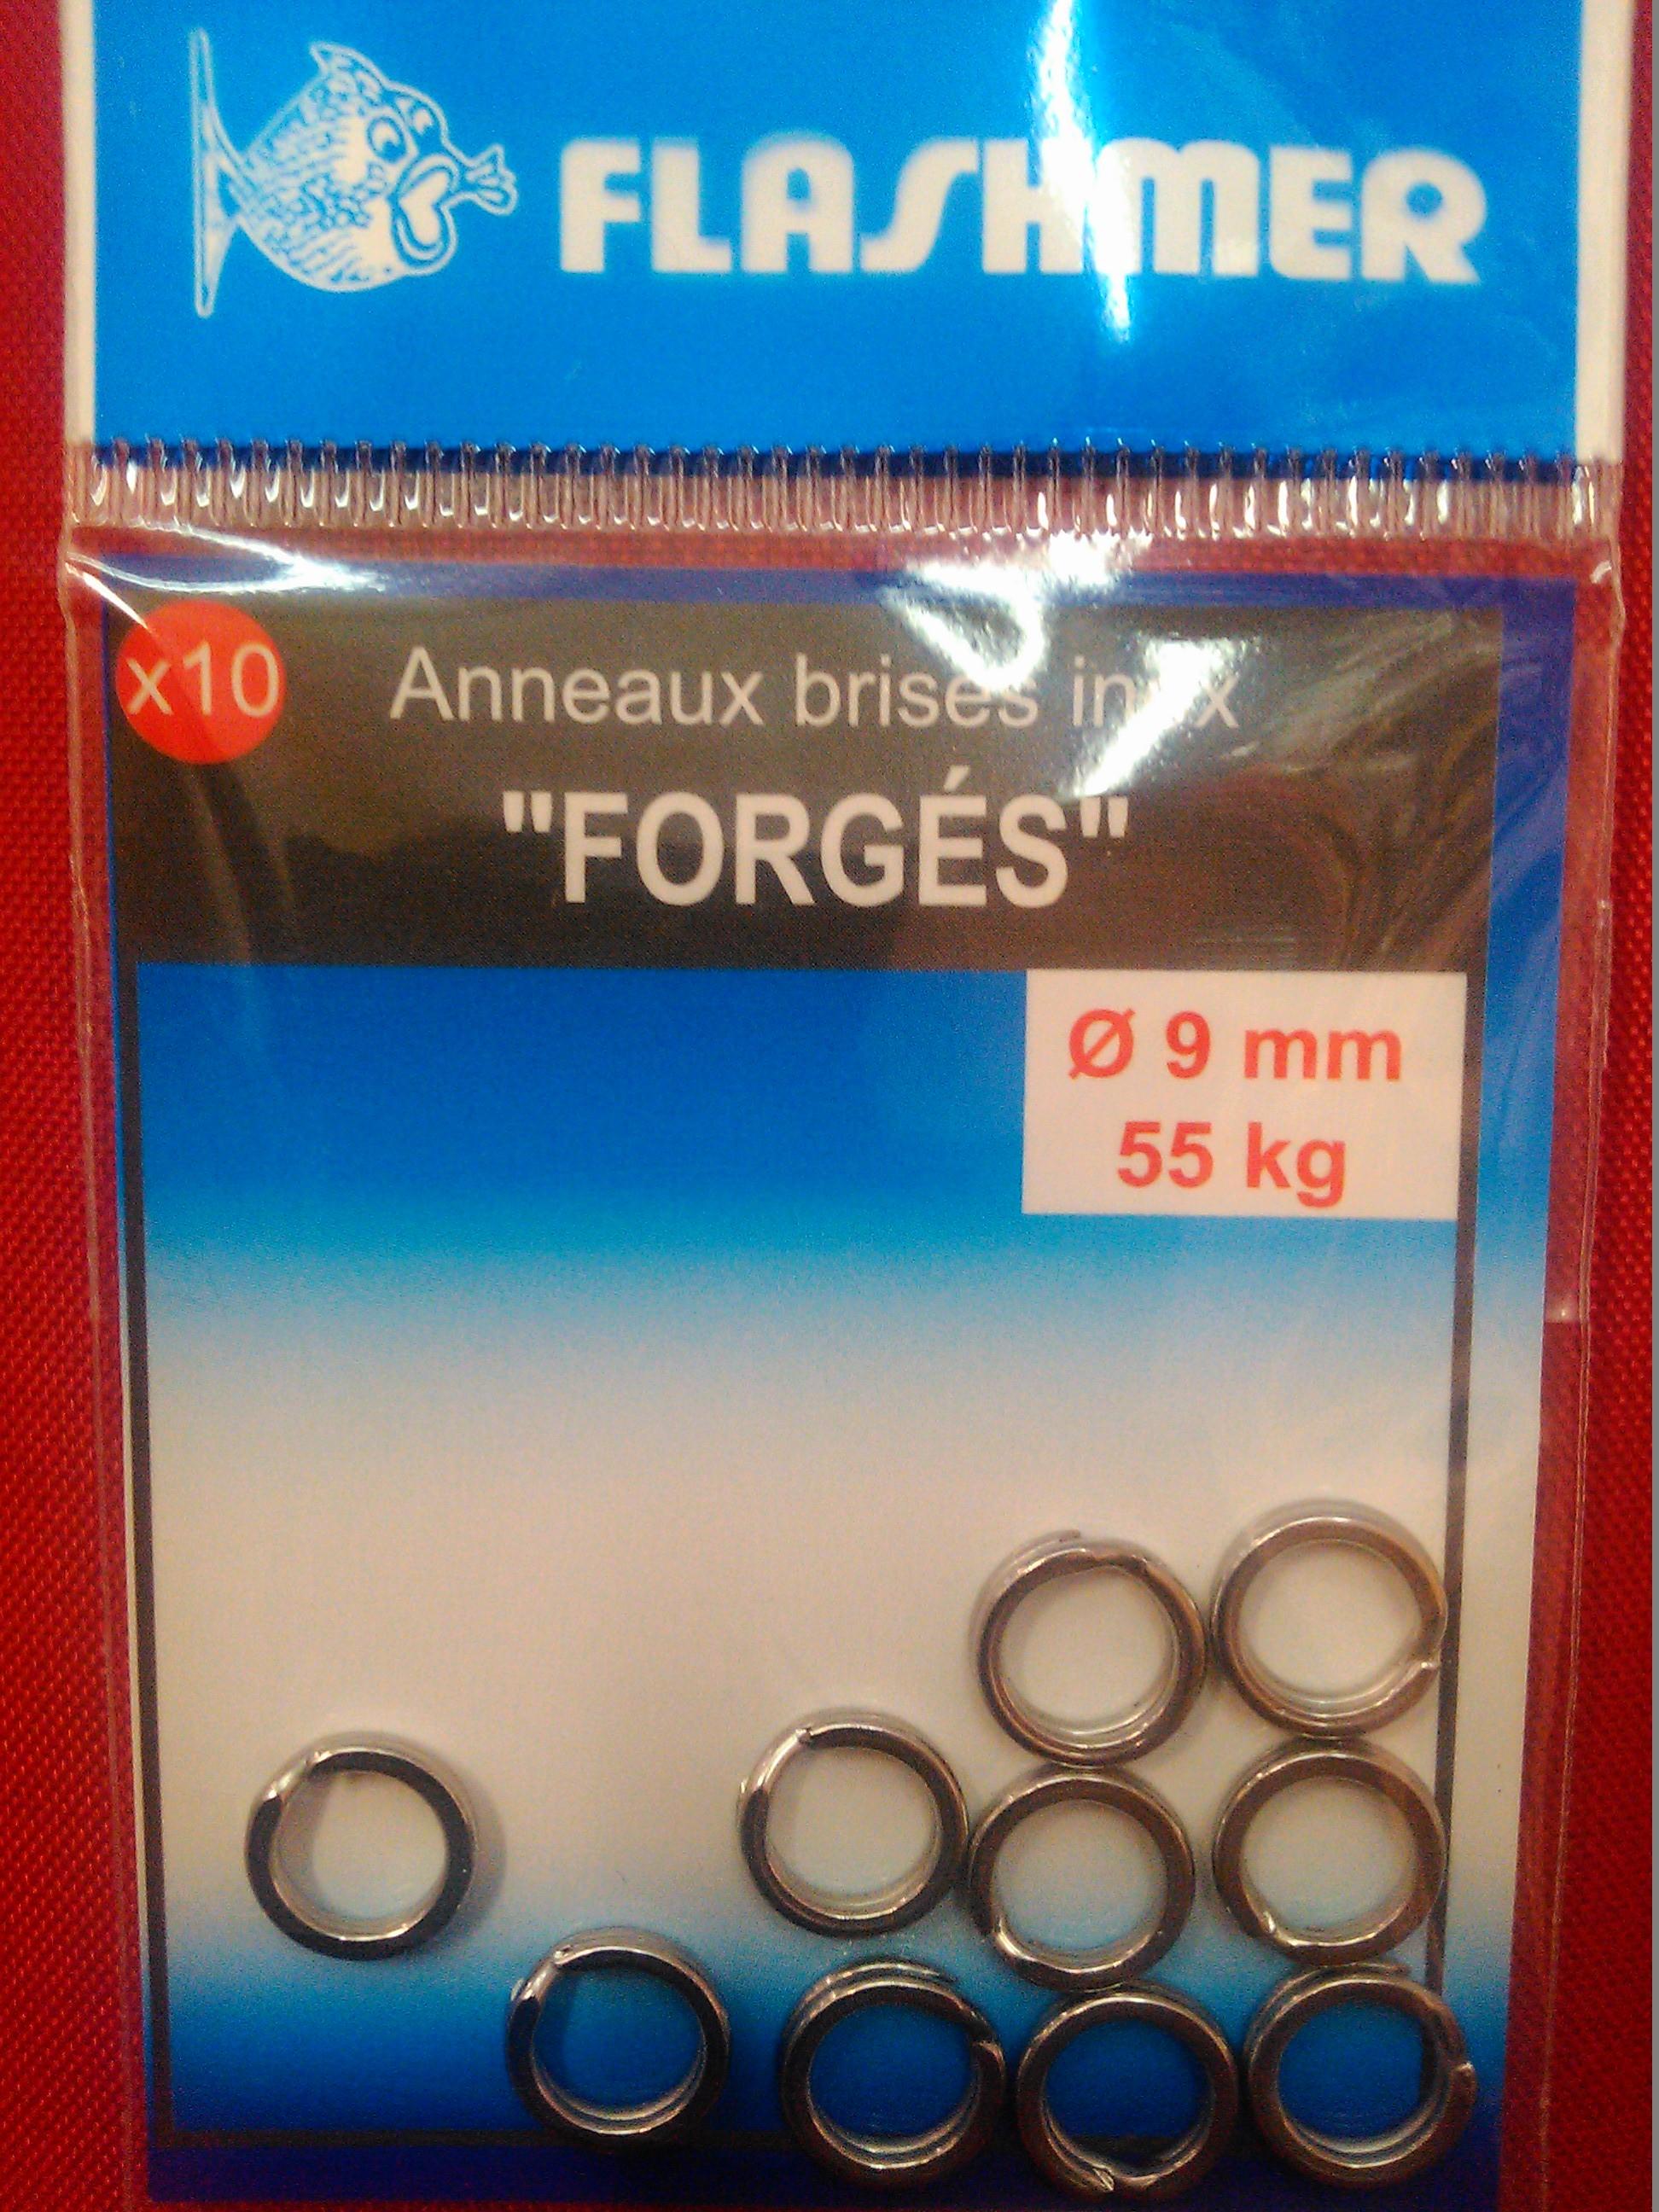 anneaux brisés inox forgés 12